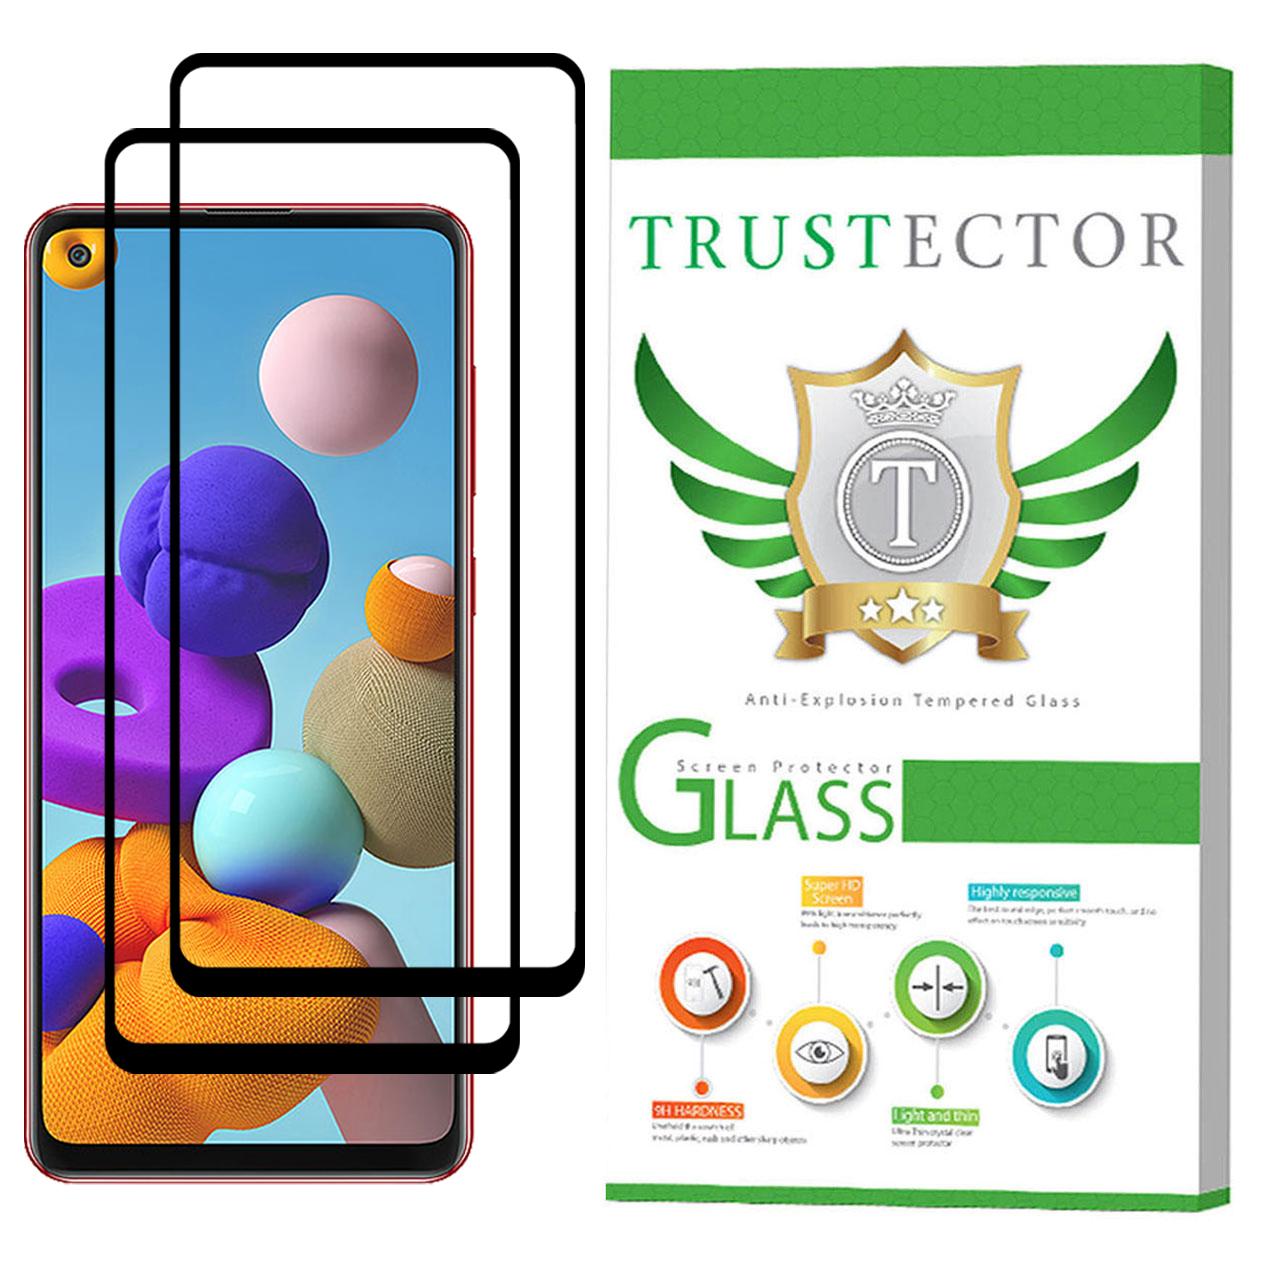 محافظ صفحه نمایش تراستکتور مدل GSS مناسب برای گوشی سامسونگ Galaxy A21s بسته 2 عددی              ( قیمت و خرید)